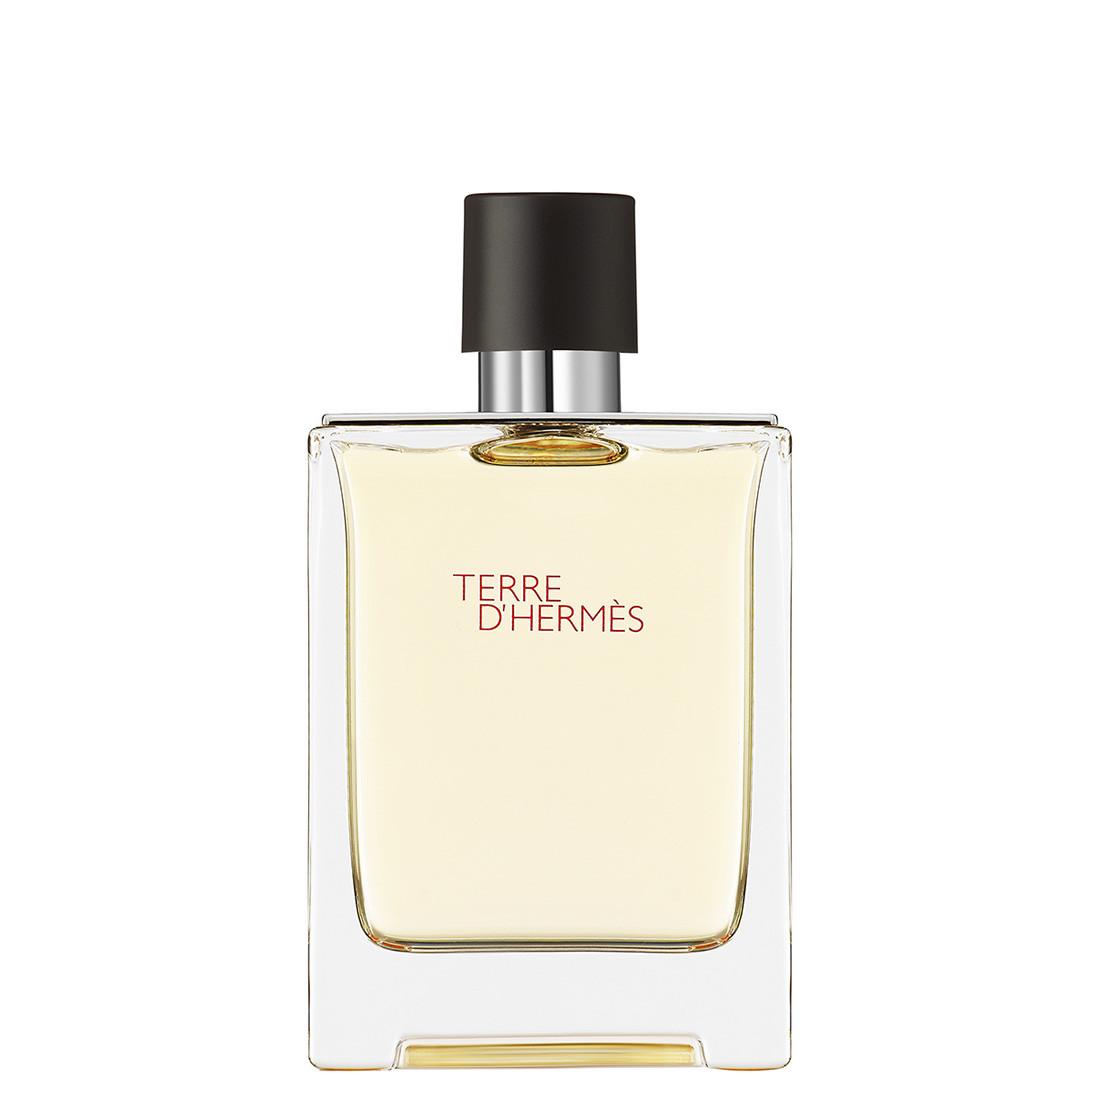 HERMÈS - Terre d'Hermès Eau de Toilette - 50 ml